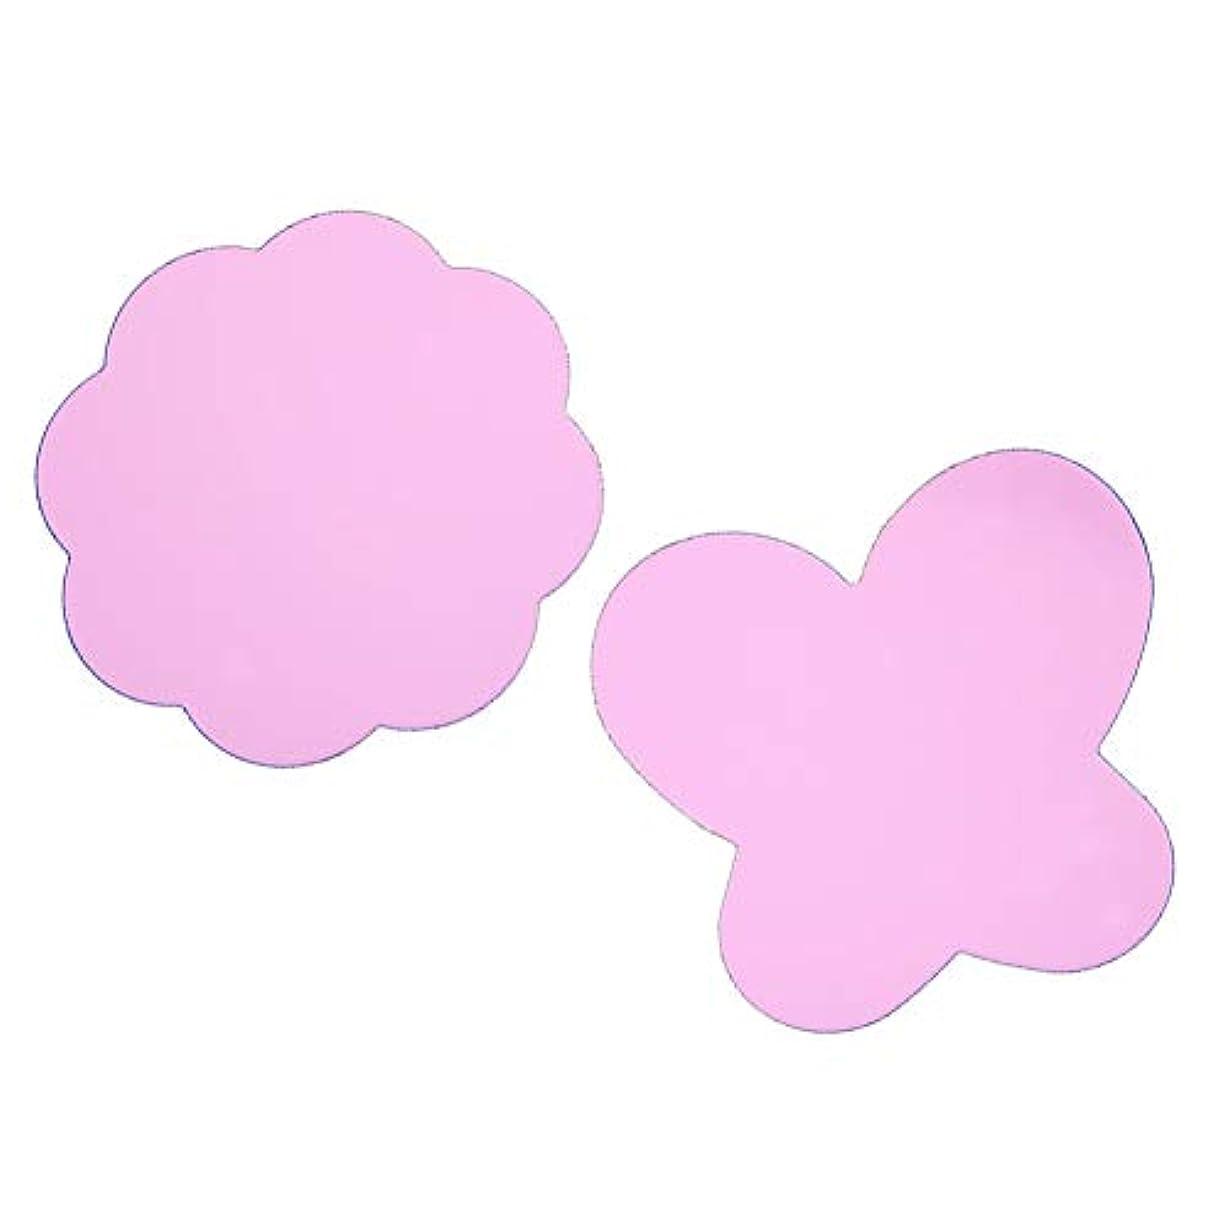 承認する知覚できる議会(ピンク)2折り畳み可能なシリコーンパッド塗料パレット洗浄バタフライプラムネイルDIY爪スタンピングツールパッド